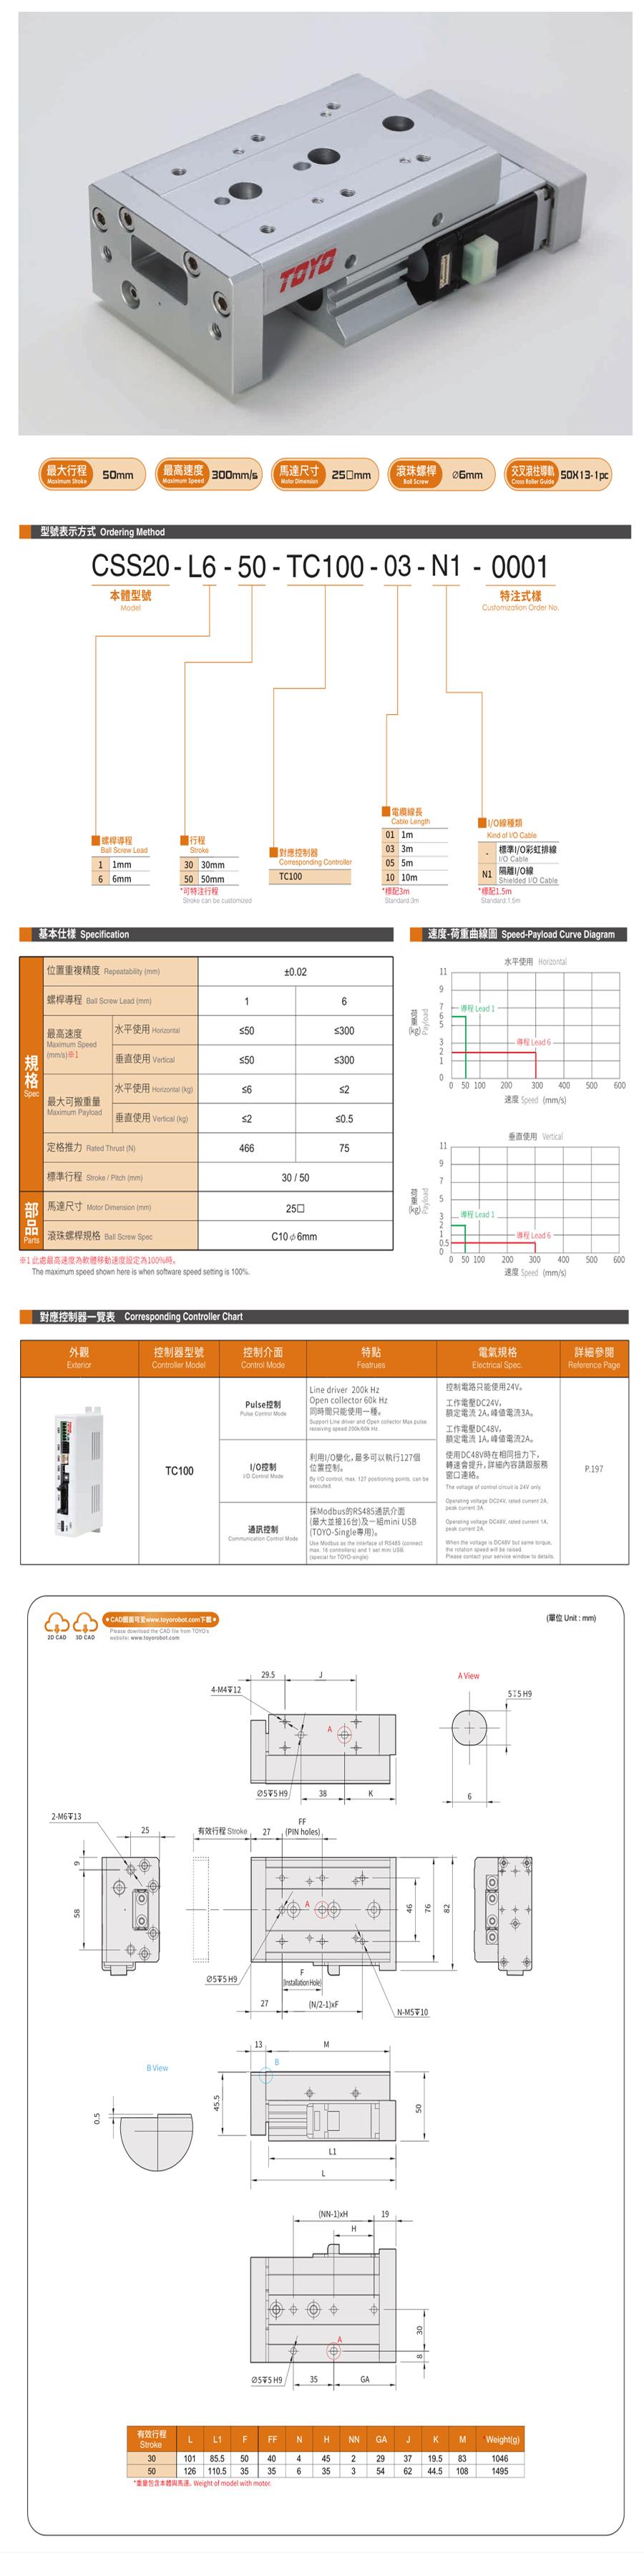 TOYO微型电动缸CSS20